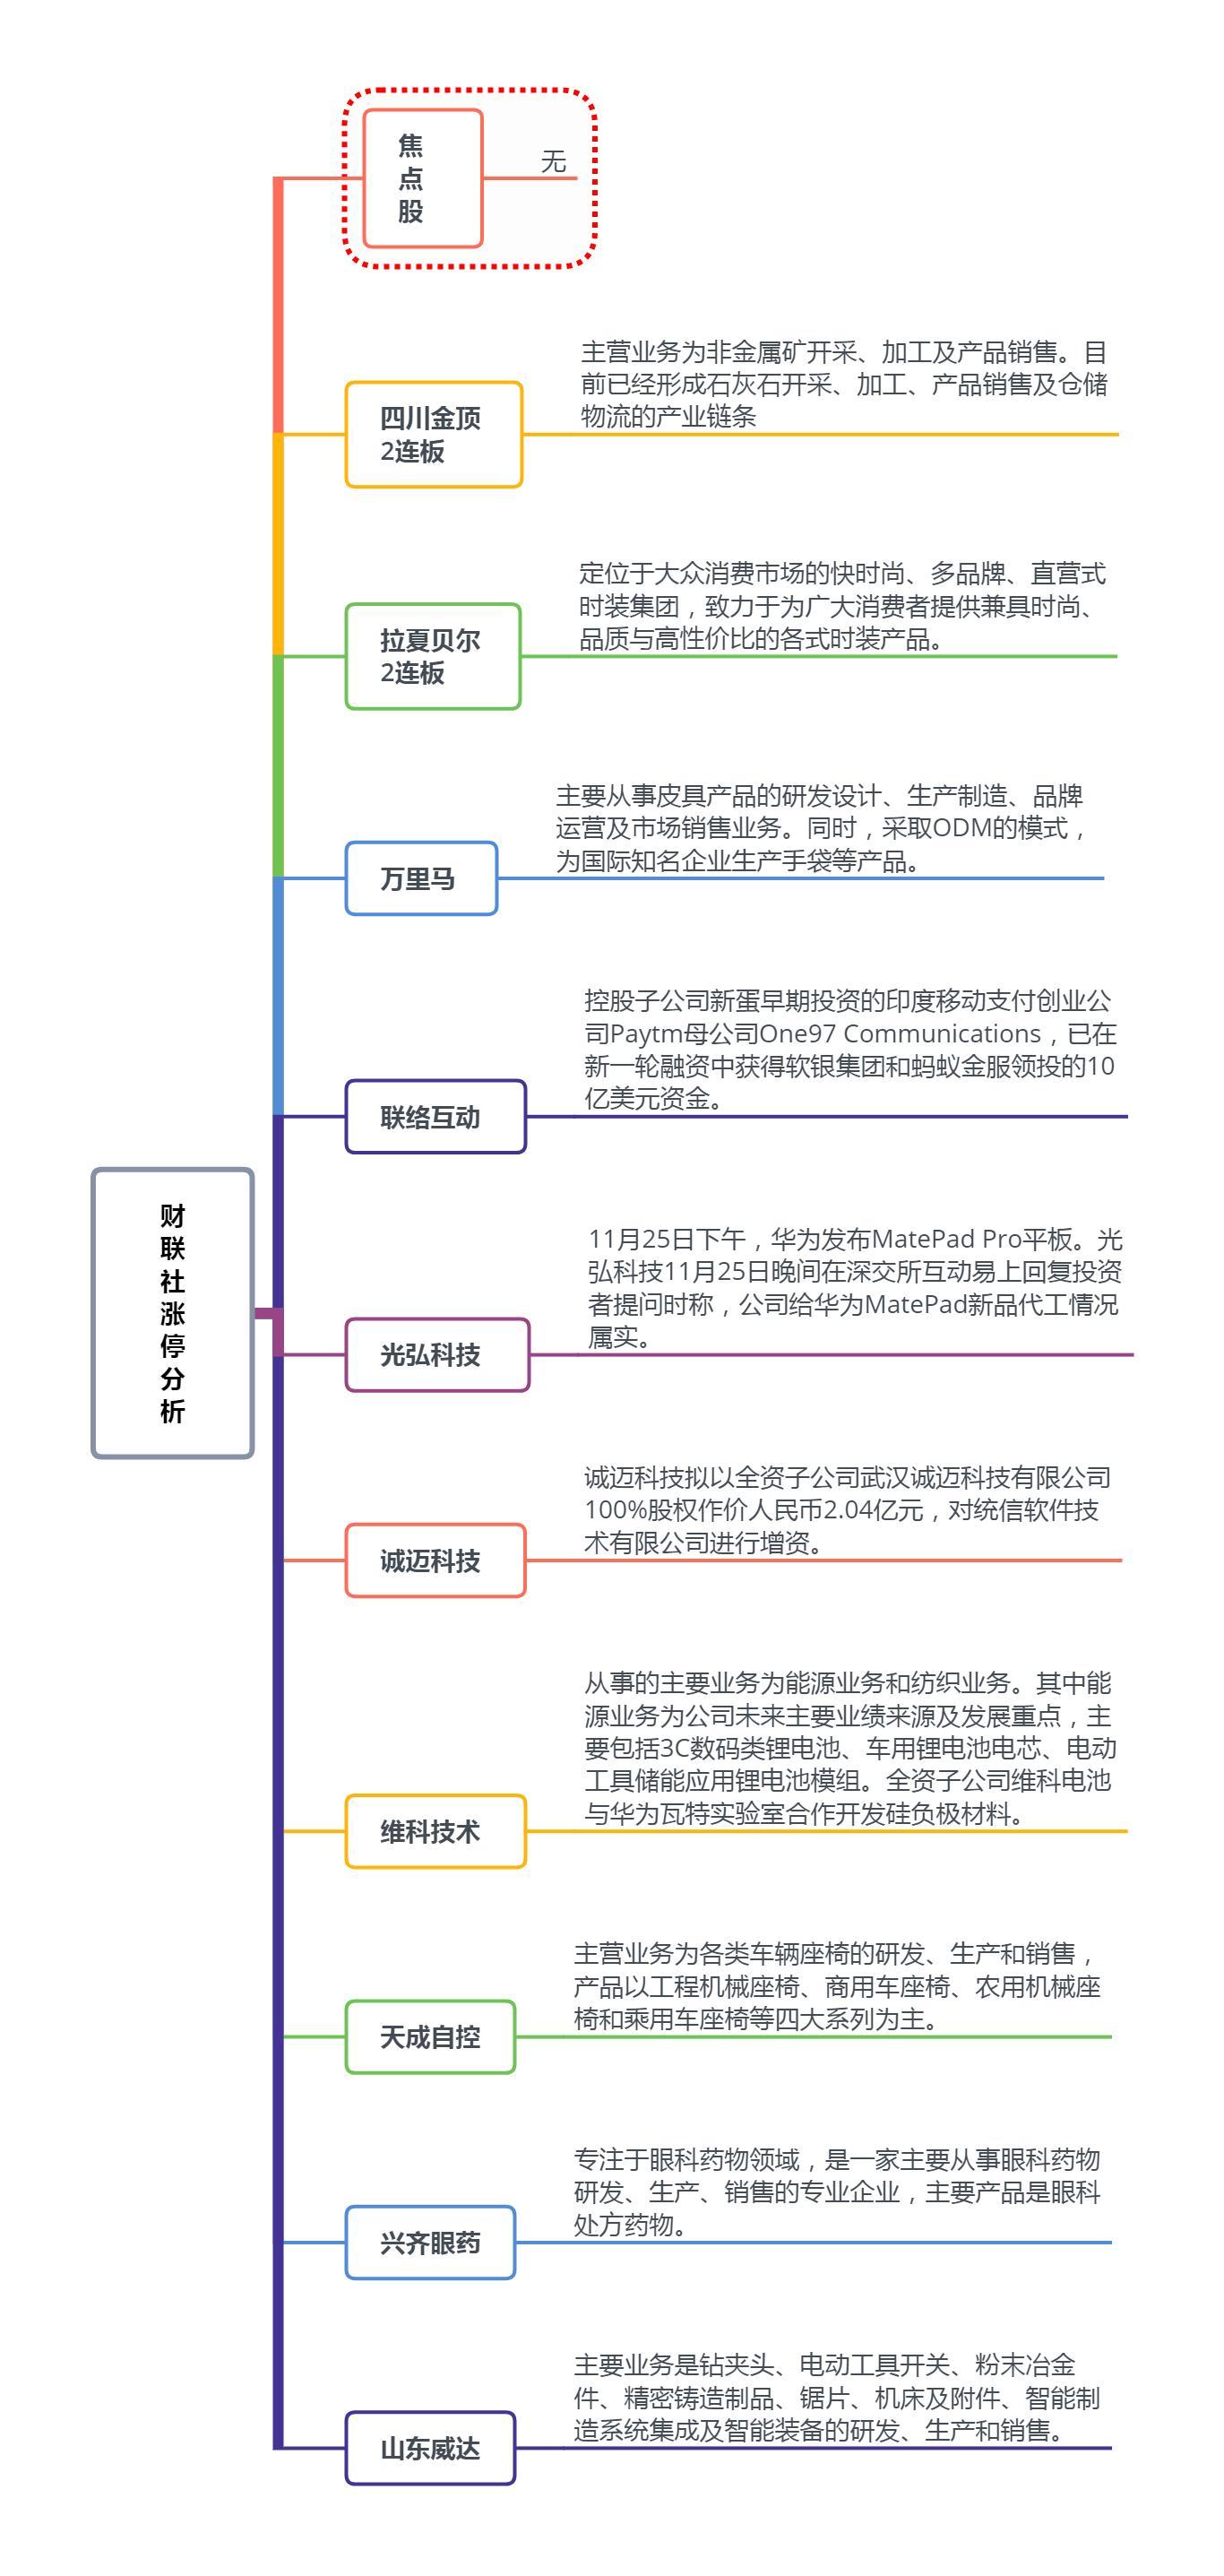 【财联社午报】沪指围绕2900点震荡 市场情绪较为平淡